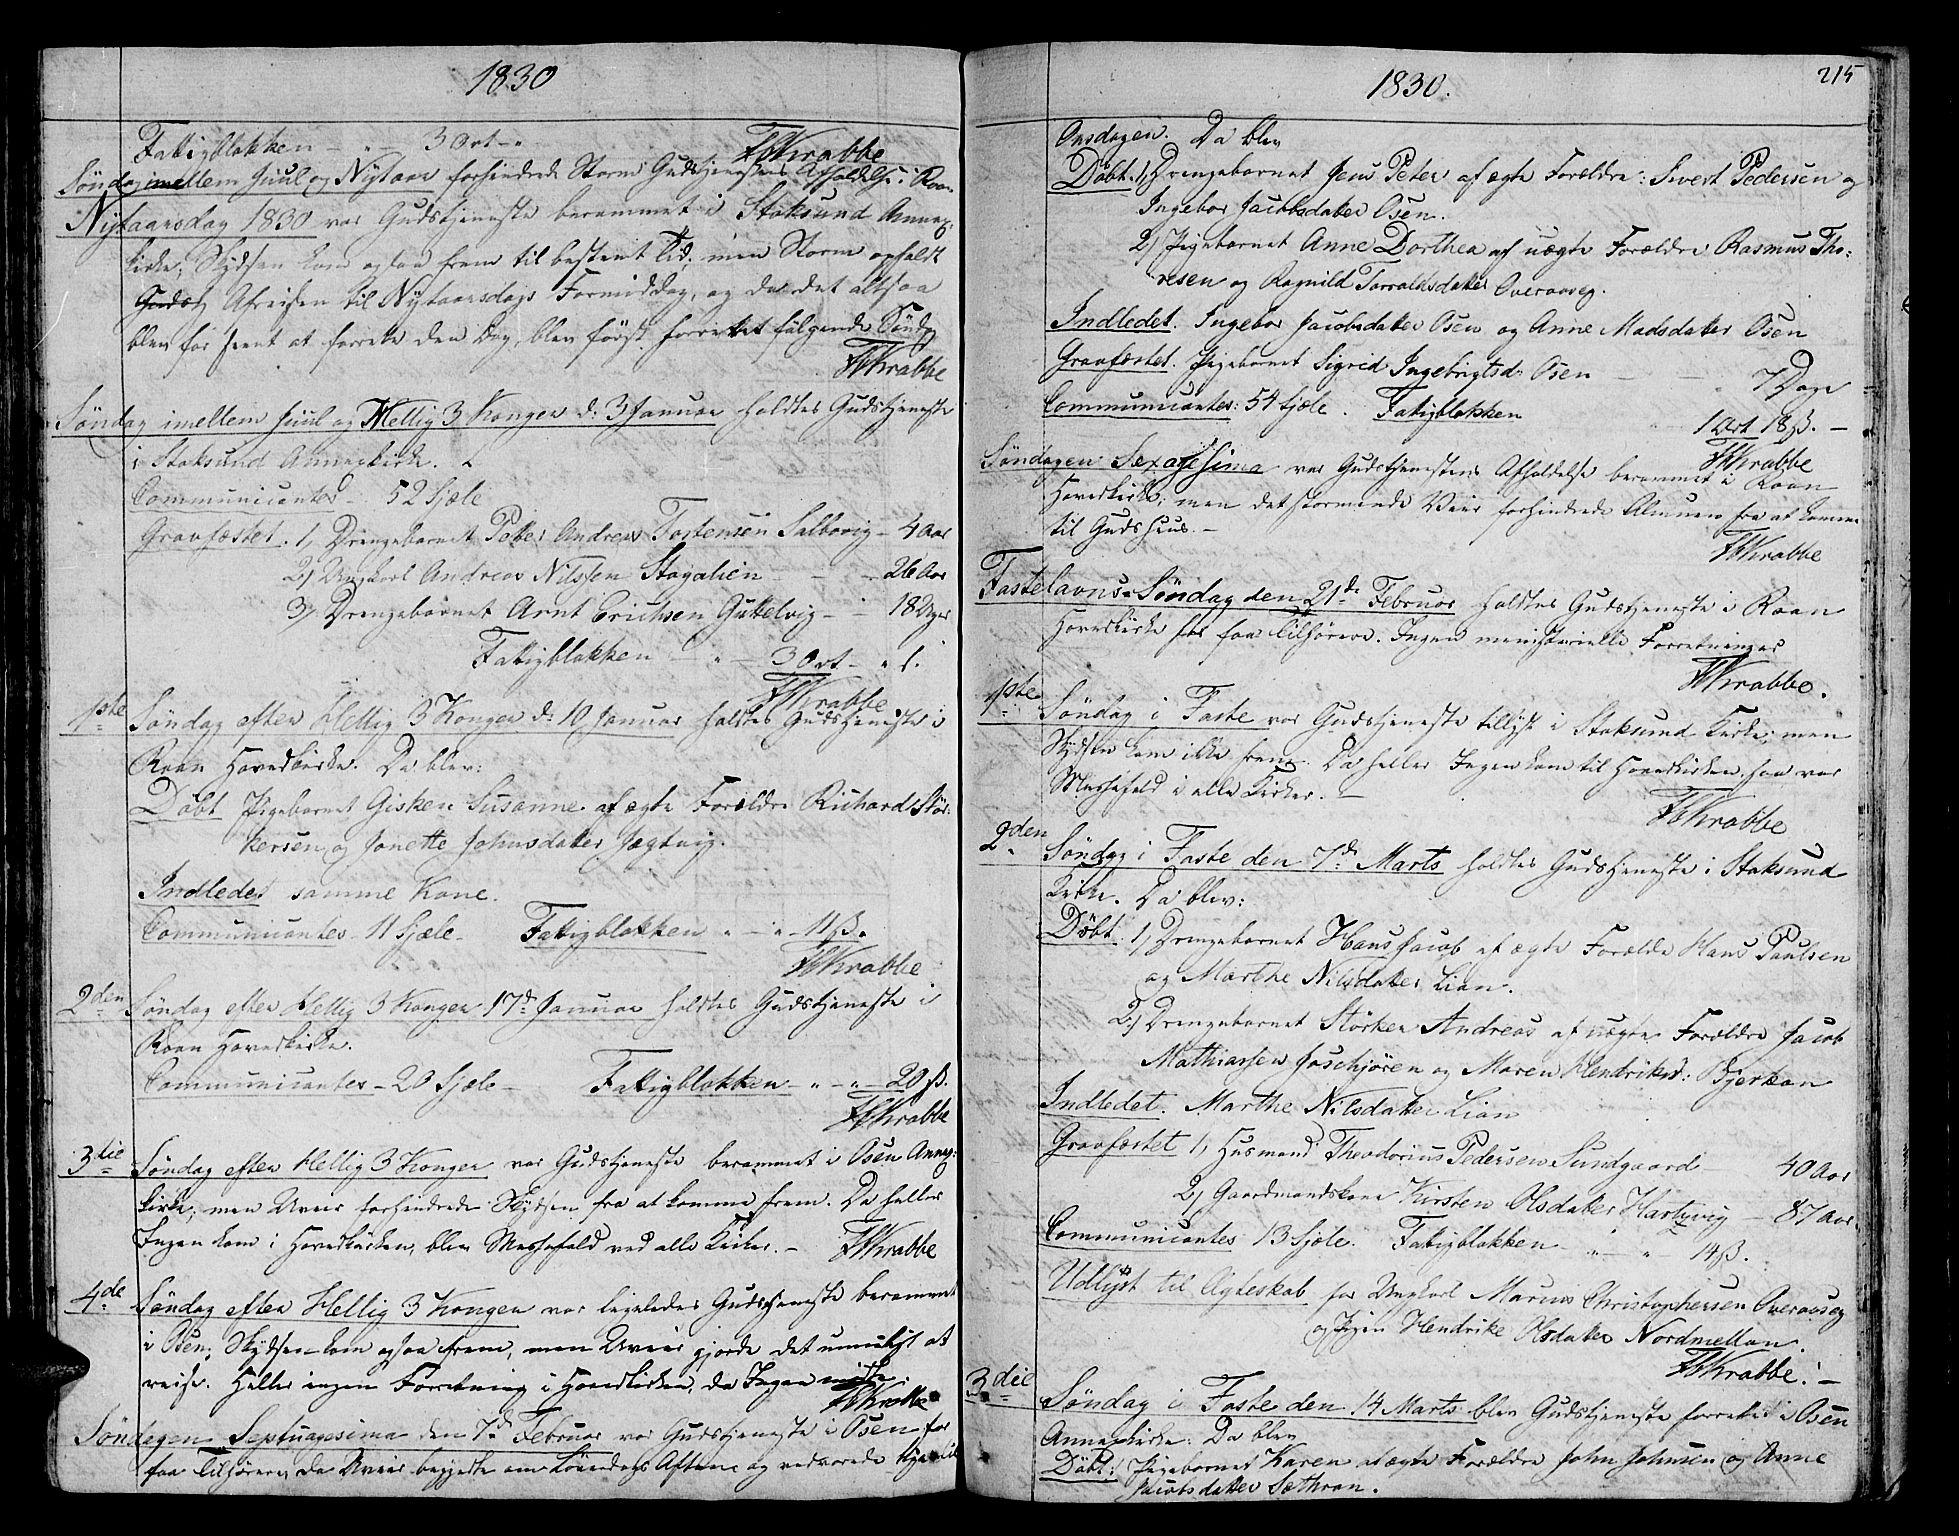 SAT, Ministerialprotokoller, klokkerbøker og fødselsregistre - Sør-Trøndelag, 657/L0701: Ministerialbok nr. 657A02, 1802-1831, s. 215